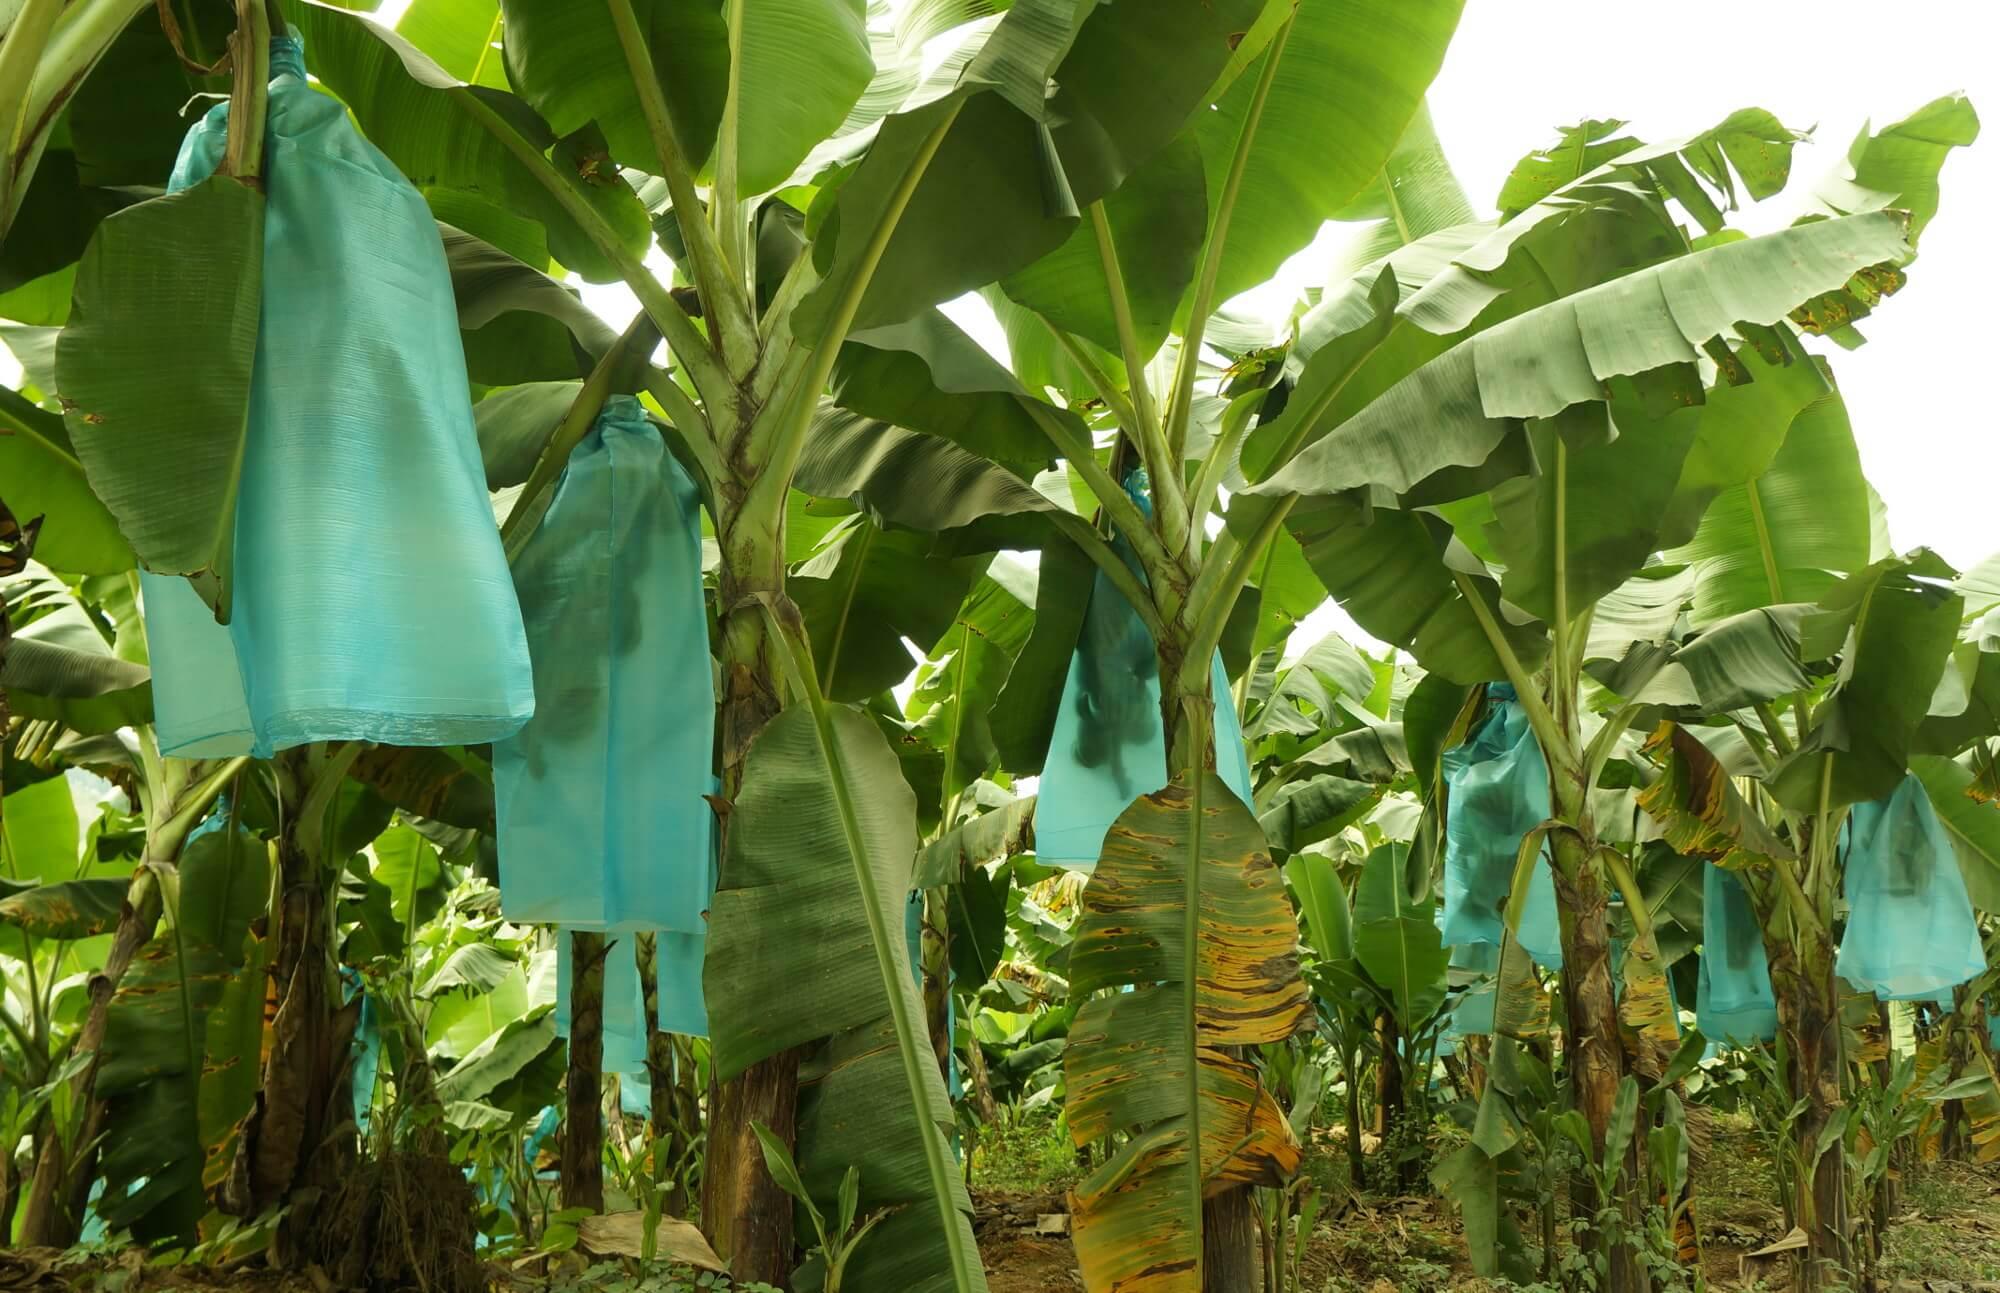 A na koniec - plantacja bananów, które rosną od razu w opakowaniach.